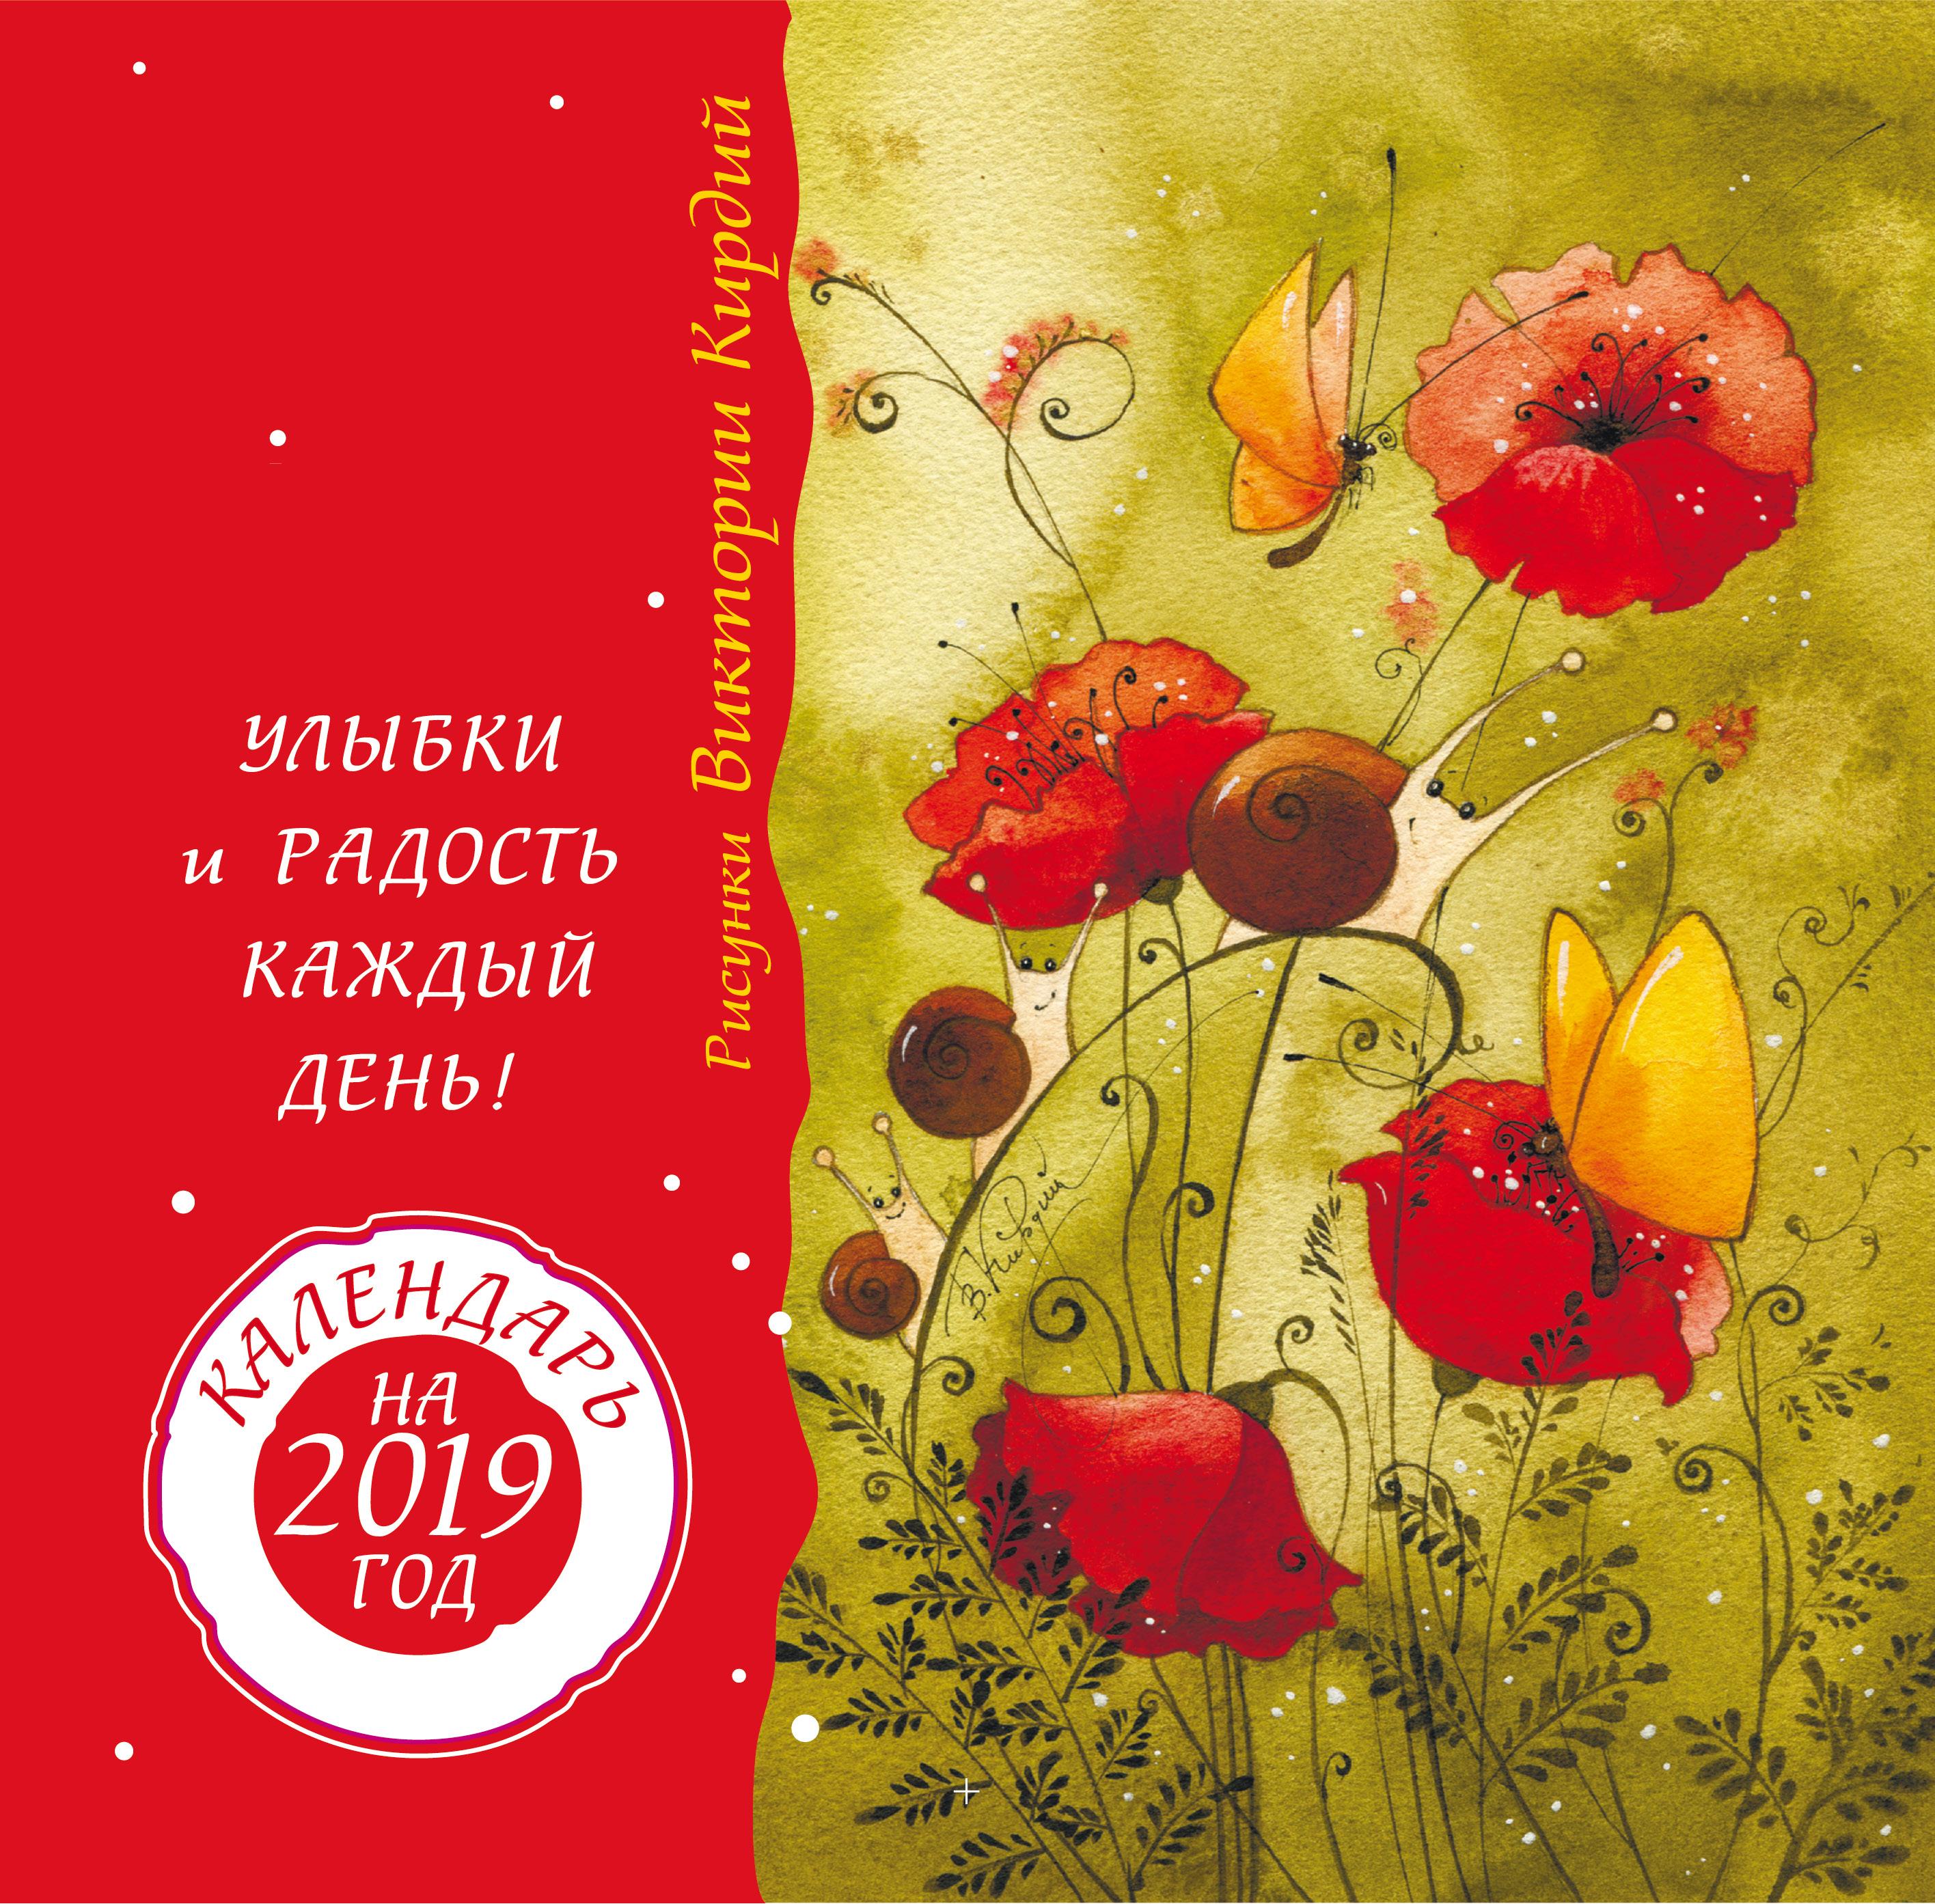 цена Виктория Кирдий Улыбки и радость каждый день! Календарь на 2019 год